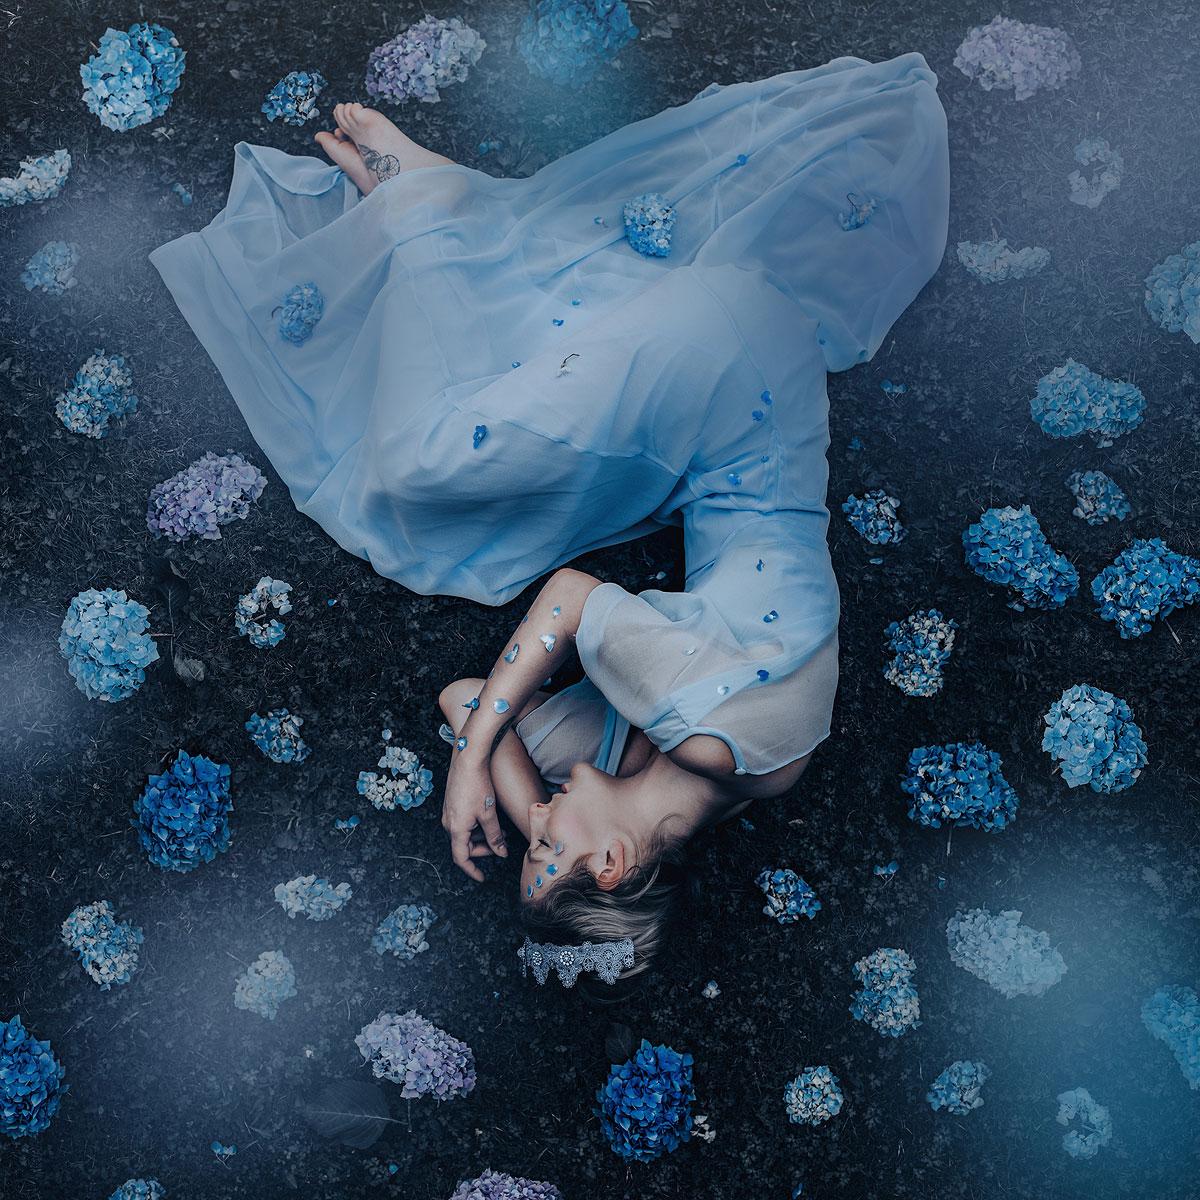 foto van een vrouw die op haar zij ligt, het hoofd onderaan, in een blauwe jurk met blauwe hortensia bloemen eromheen